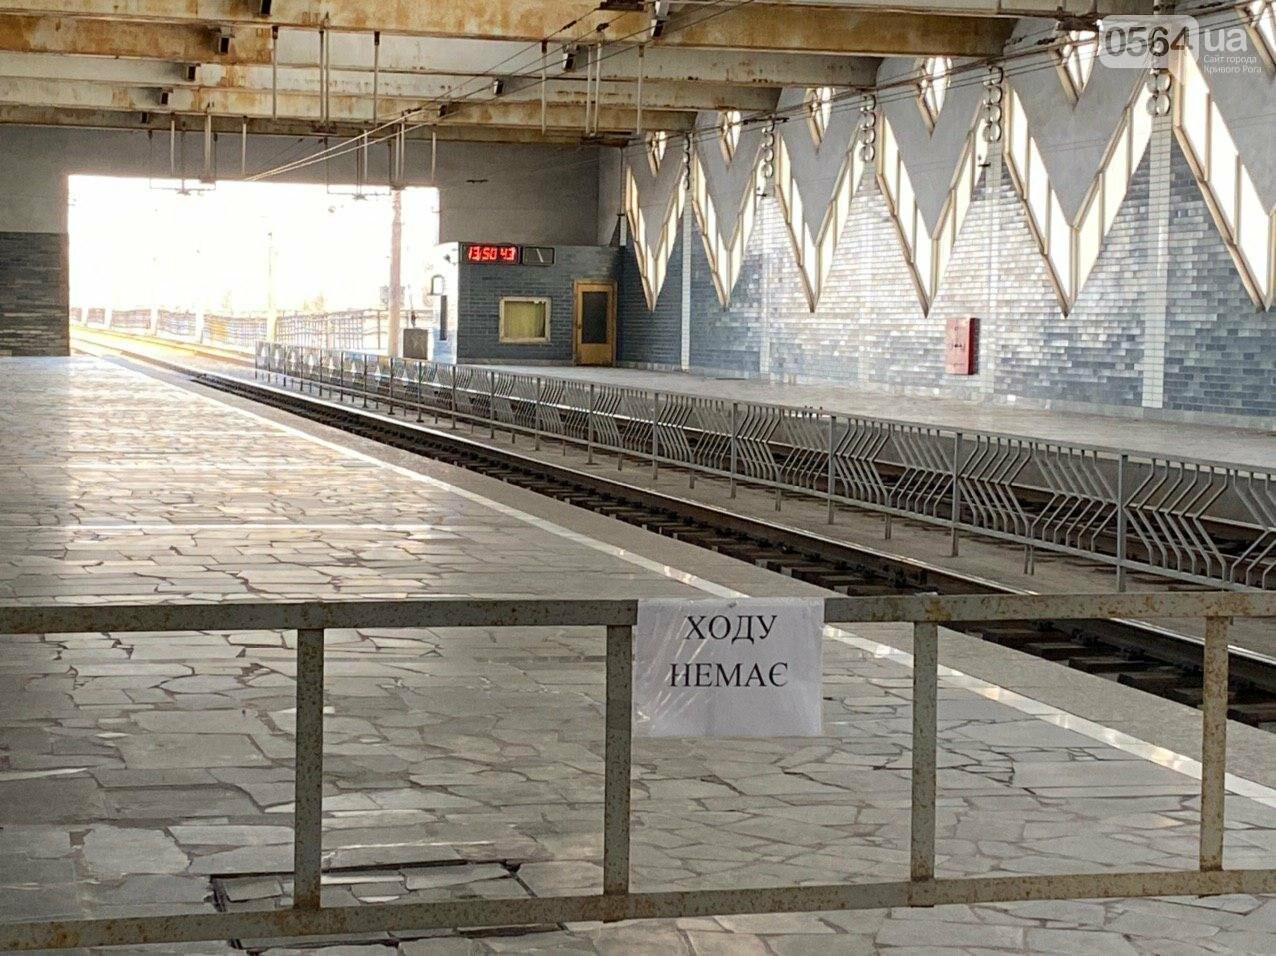 В Кривом Роге полностью остановилось движение скоростного трамвая, - ФОТО , фото-1